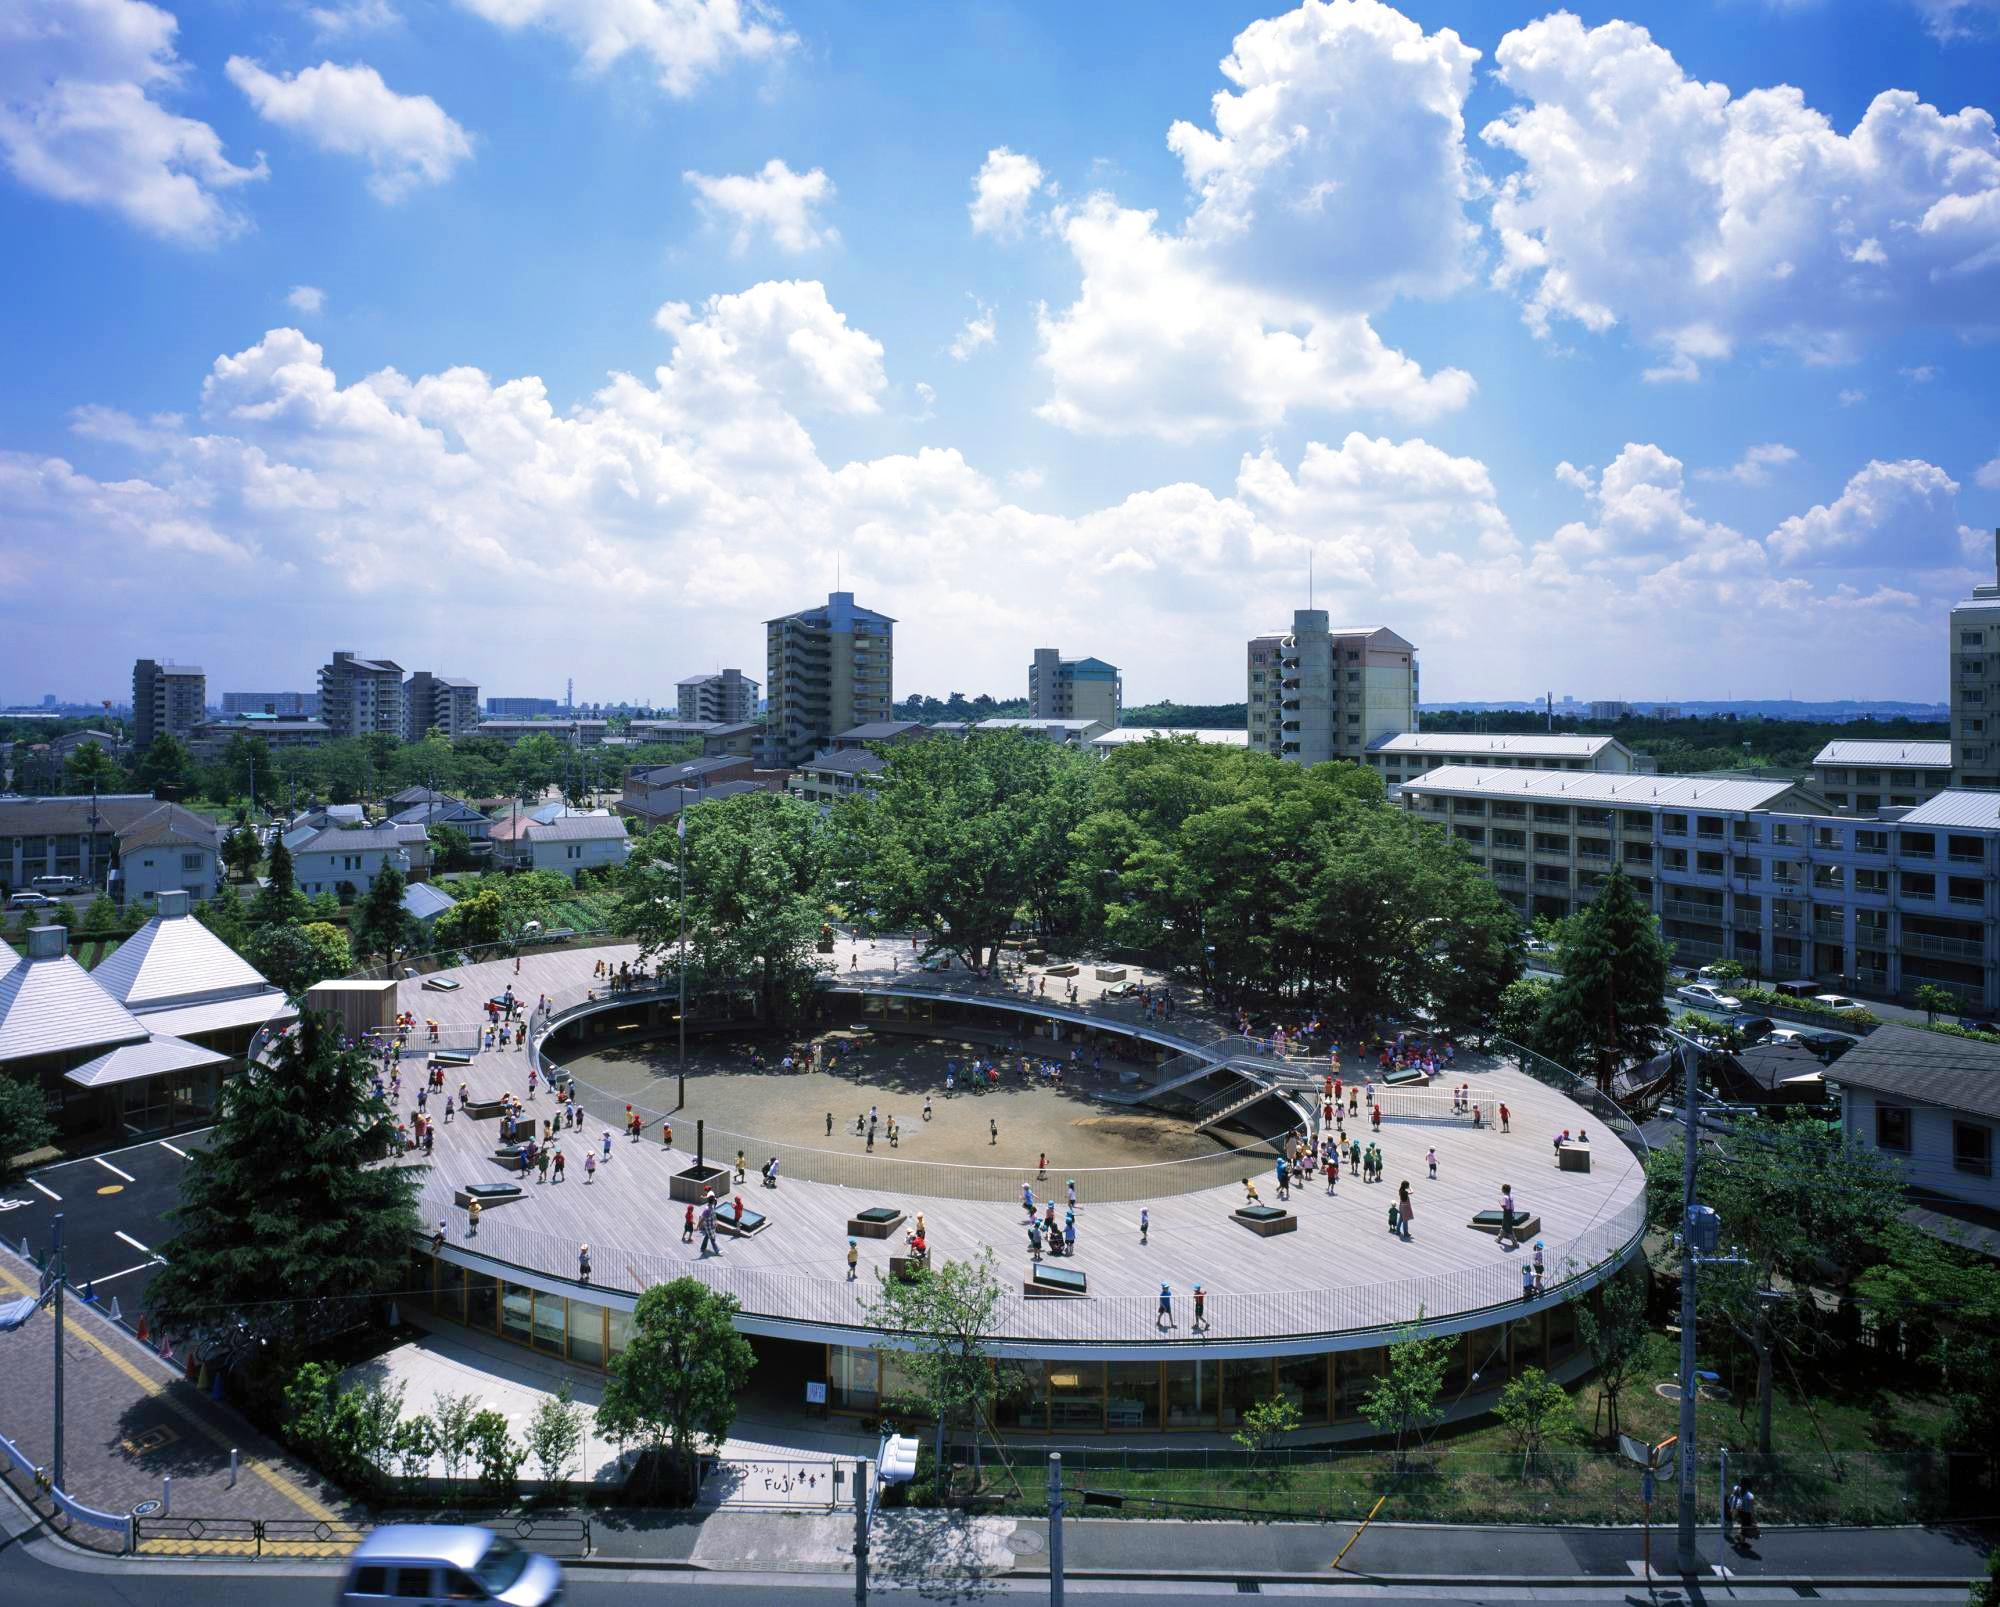 英ガーディアン紙が選ぶ「The best architecture of the 21st century 21世紀最高の建築25点」に、東京都市大学 工学部 建築学科 手塚貴晴教授(同大・卒業生)らが設計した「ふじようちえん」が選定